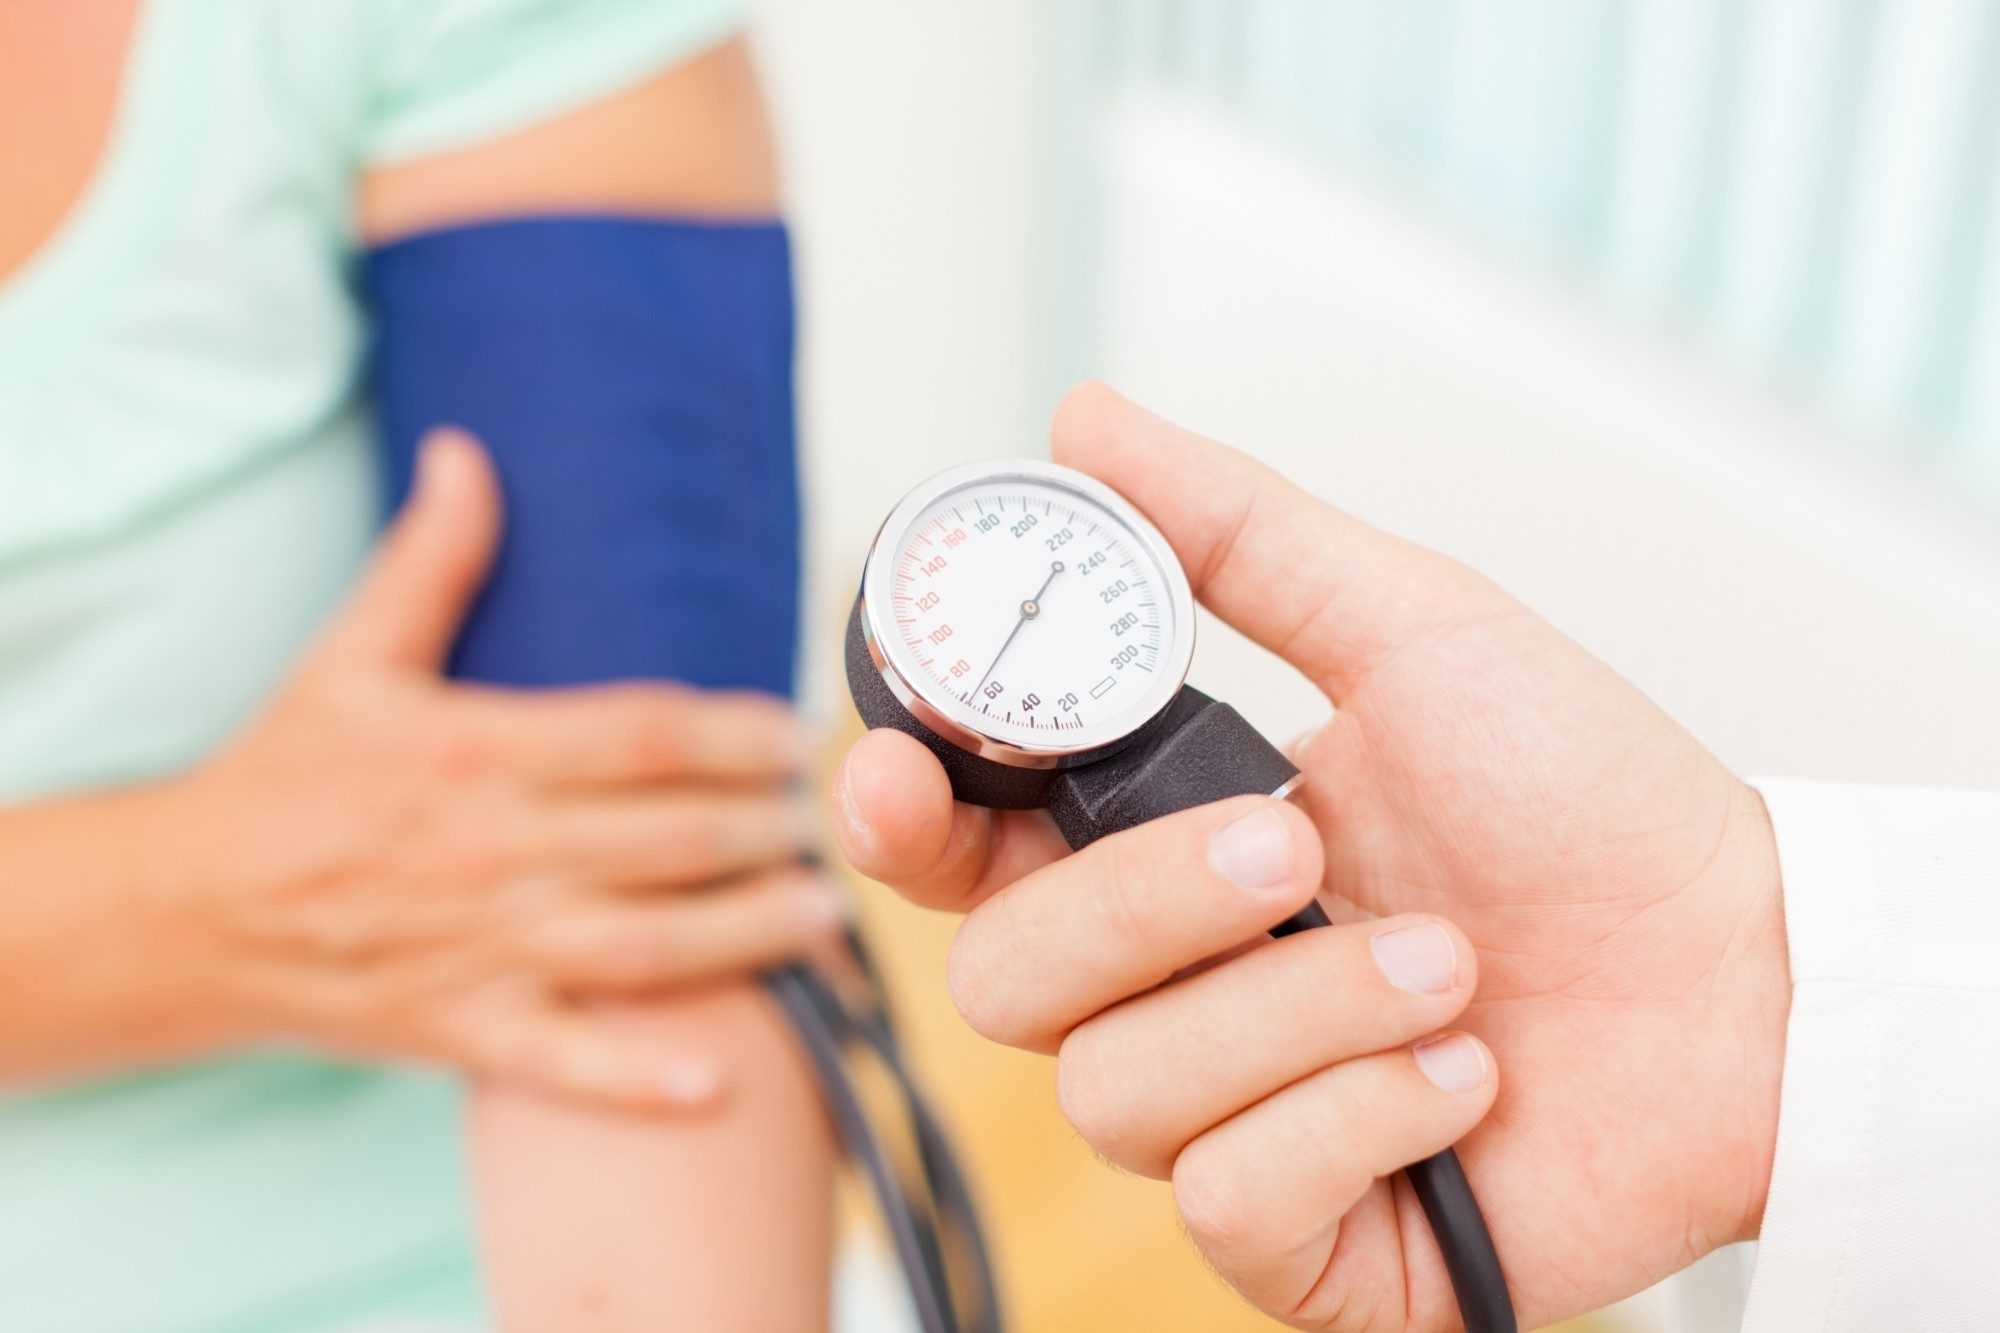 Hipertensão pode agravar o quadro da Covid-19